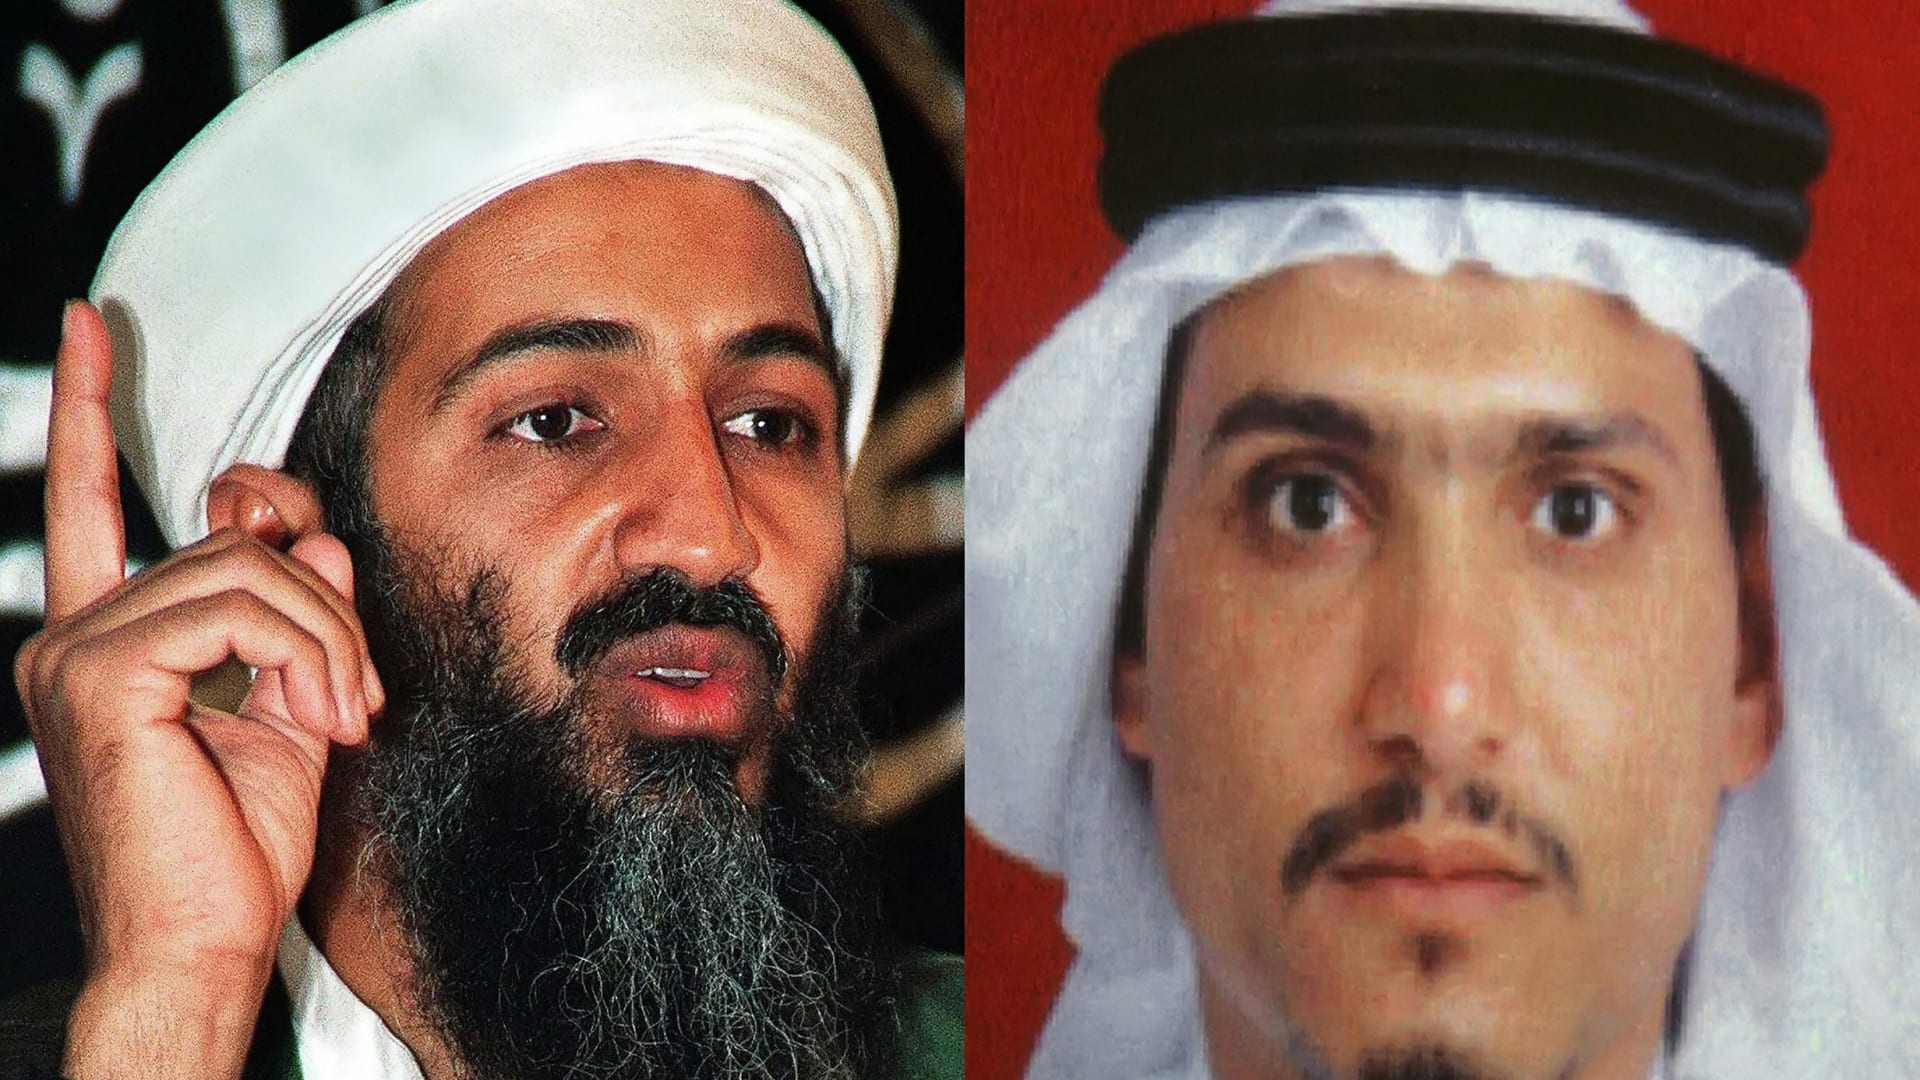 وزير الدفاع الأمريكي يكشف حقيقة مقتل نجل أسامة بن لادن